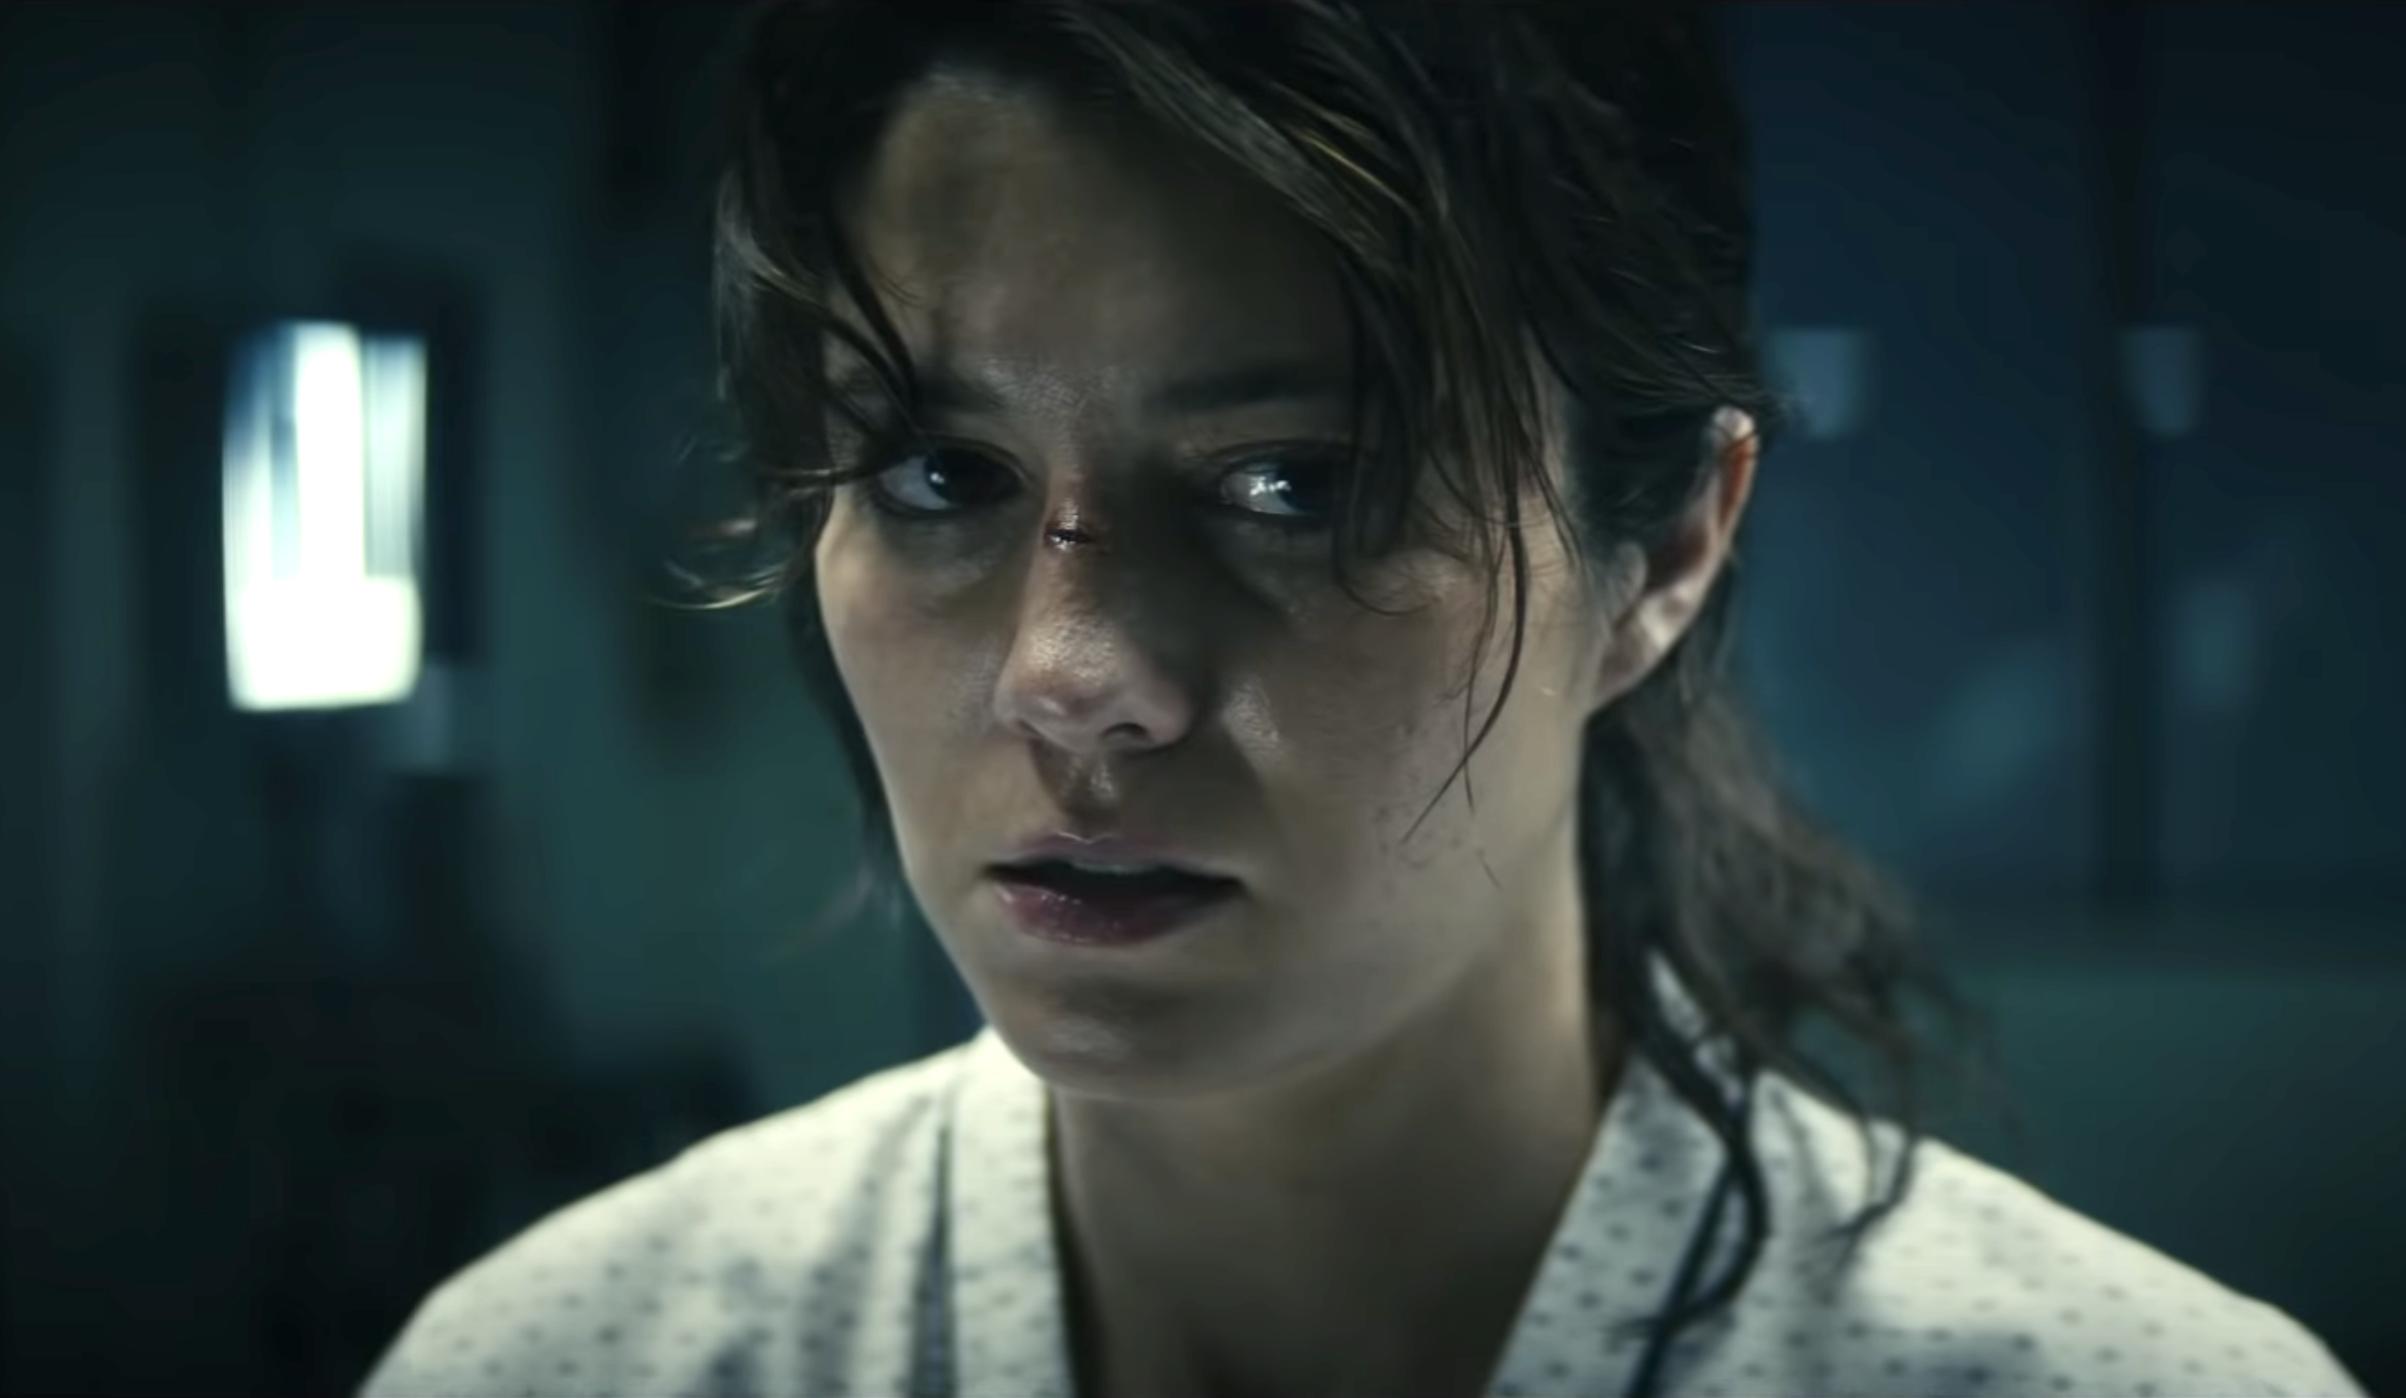 Kate' Trailer: Mary Elizabeth Winstead in Netflix Assassin Thriller |  IndieWire